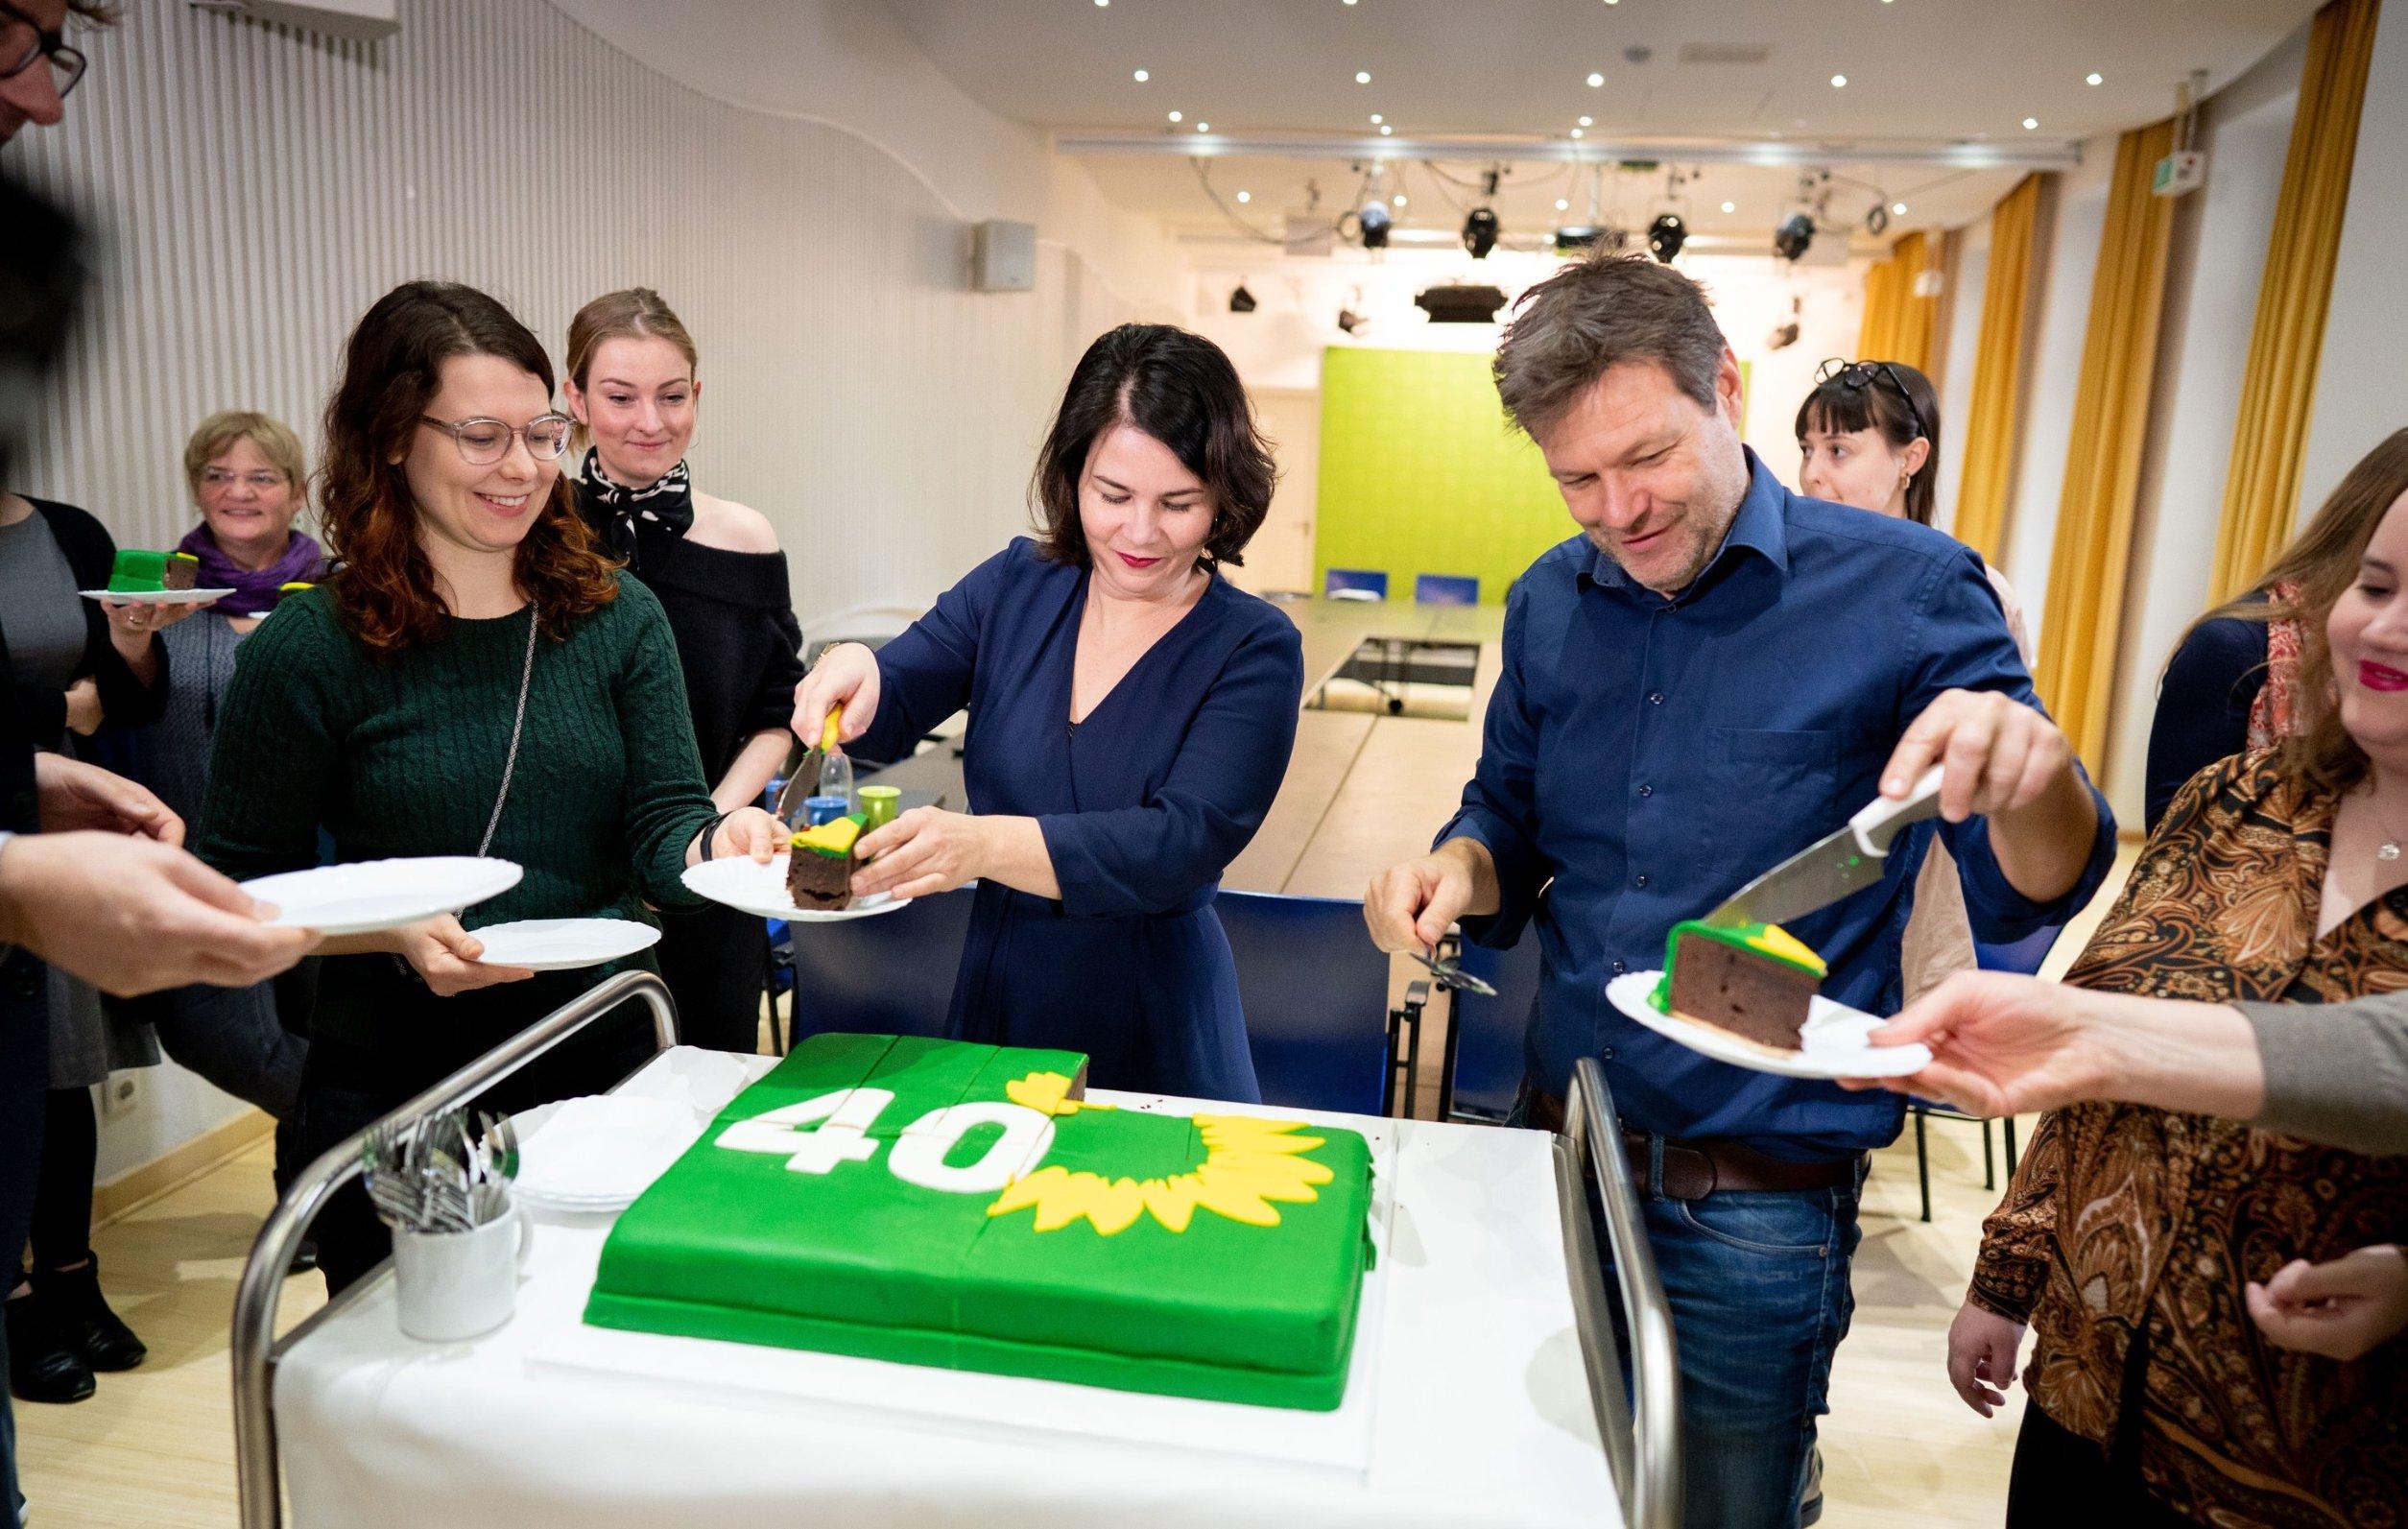 Supredsjedavatelji Zelenih, Annalena Baerbock i  Robert Habeck dijele tortu na proslavi 40 godina postojanja stranke